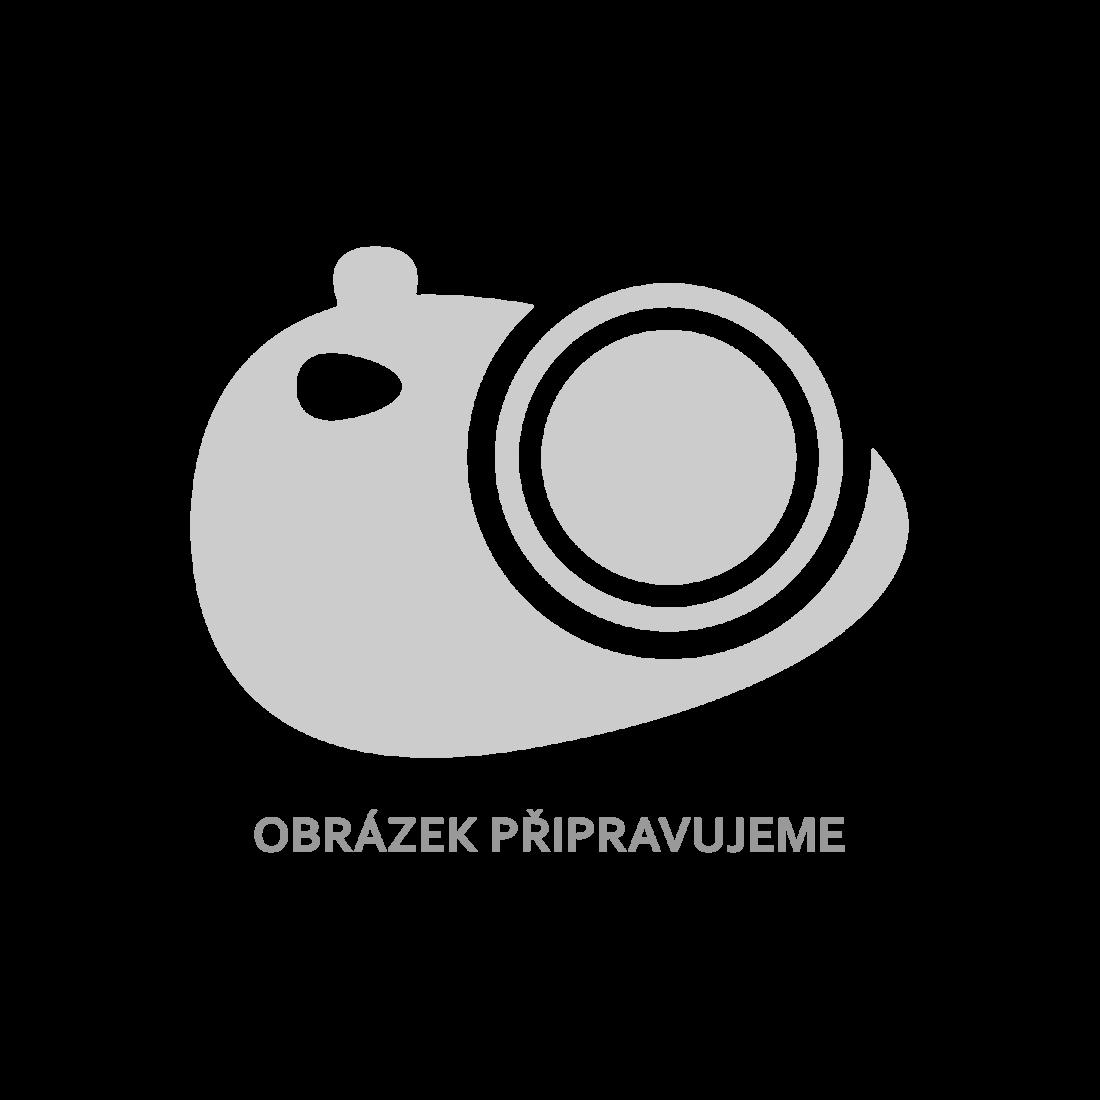 vidaXL Zahradní stůl šedý 75,5 x 106 cm polyratan [45860]